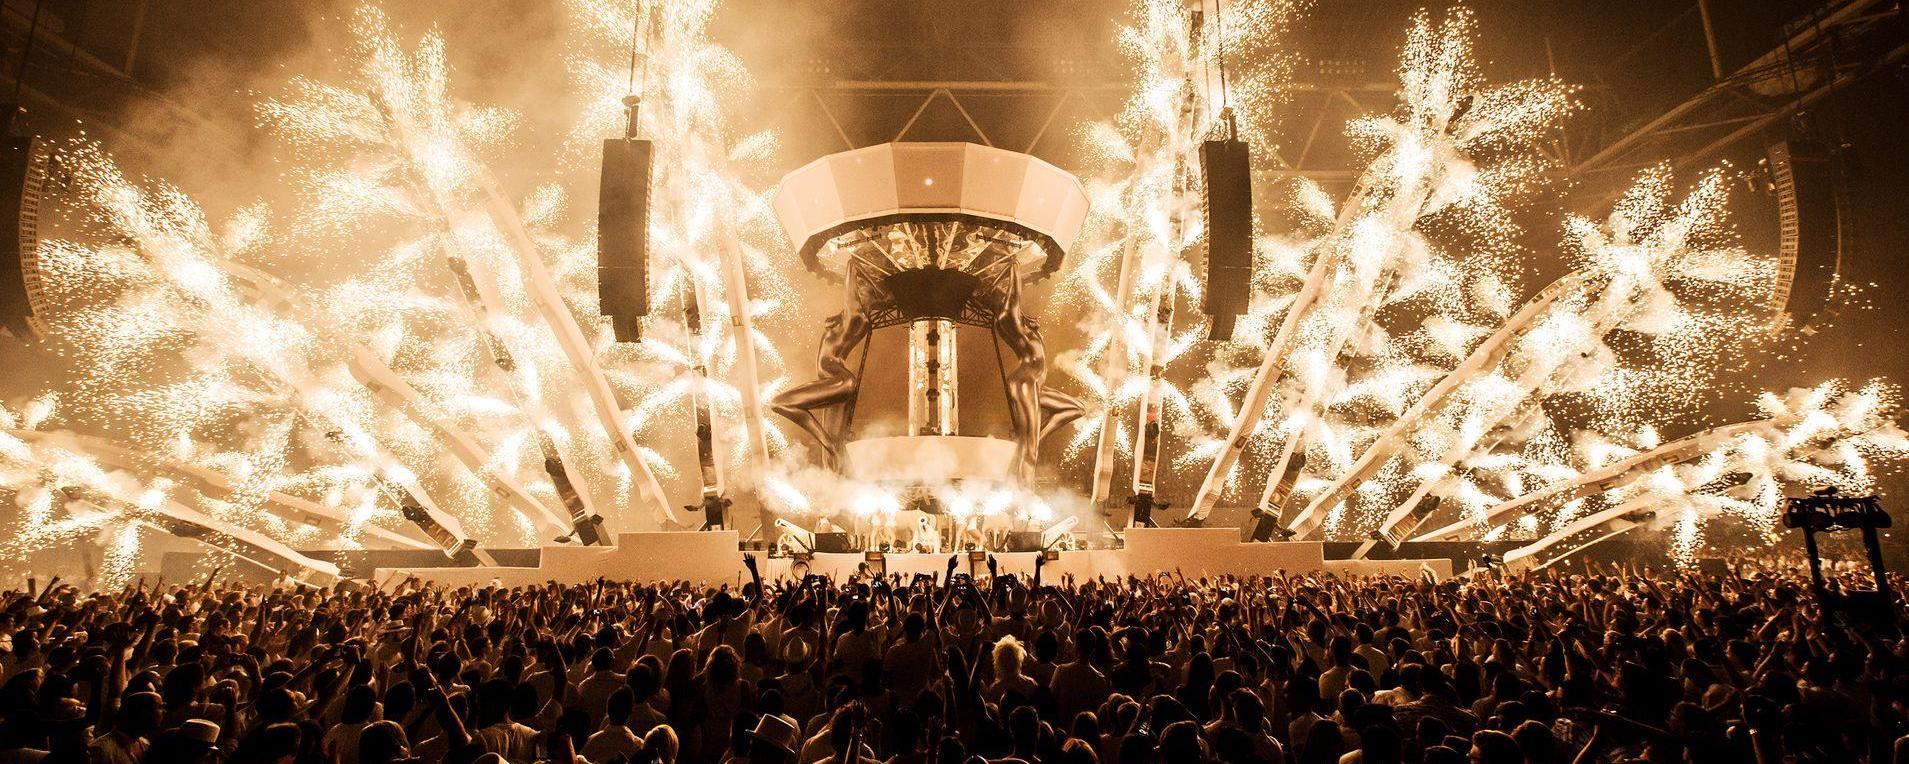 Тур из Украины на Sensation 'Beyond' 2022 в Амстердам